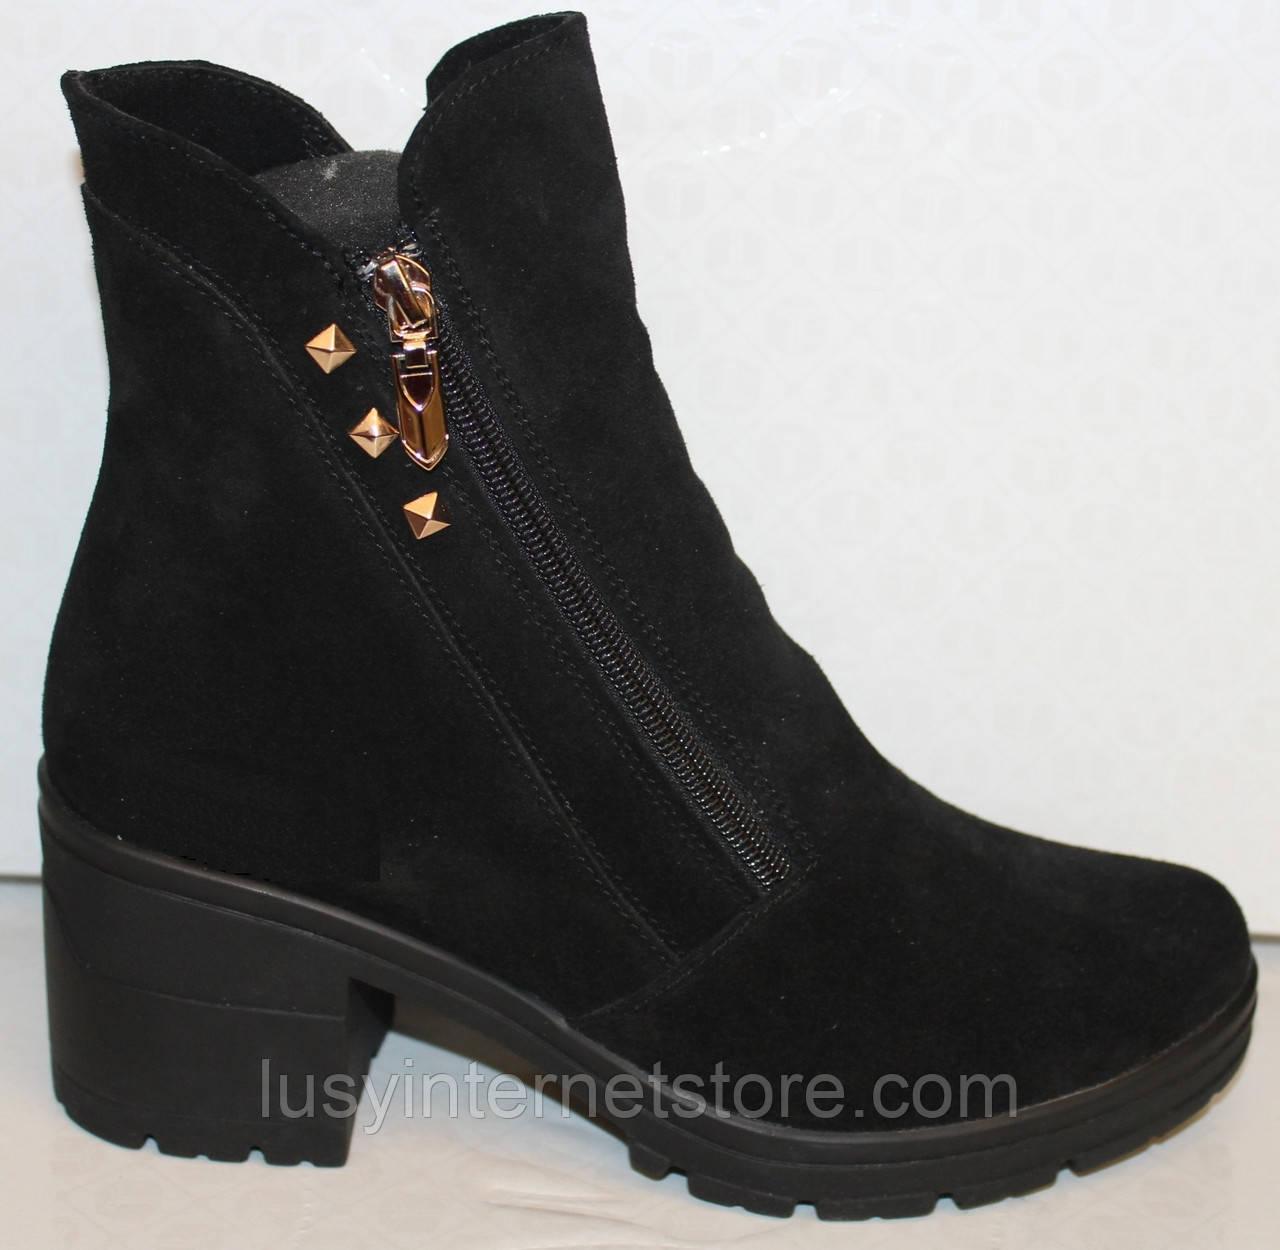 Ботинки черные замшевые женские демисезонные на каблучке от производителя модель БМ303